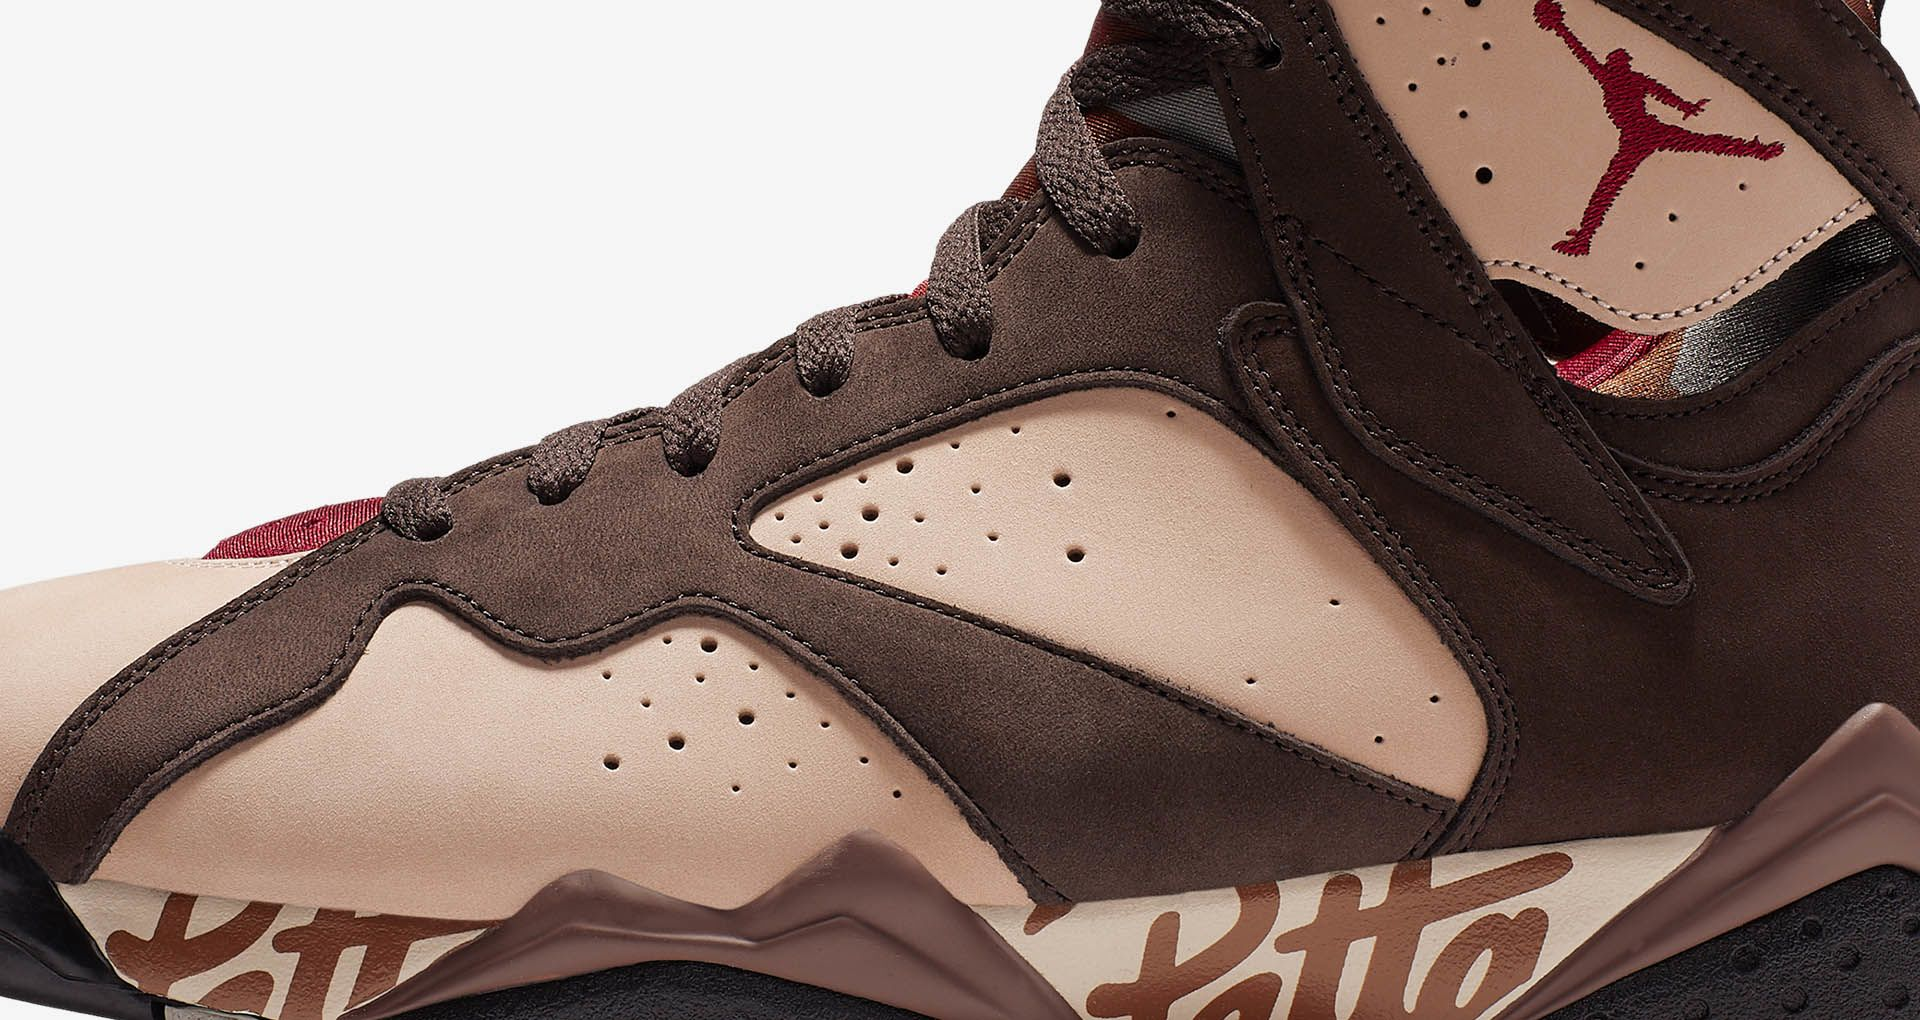 huge discount 4df8e e2f68 Air Jordan 7 'Patta' Release Date. Nike+ SNKRS